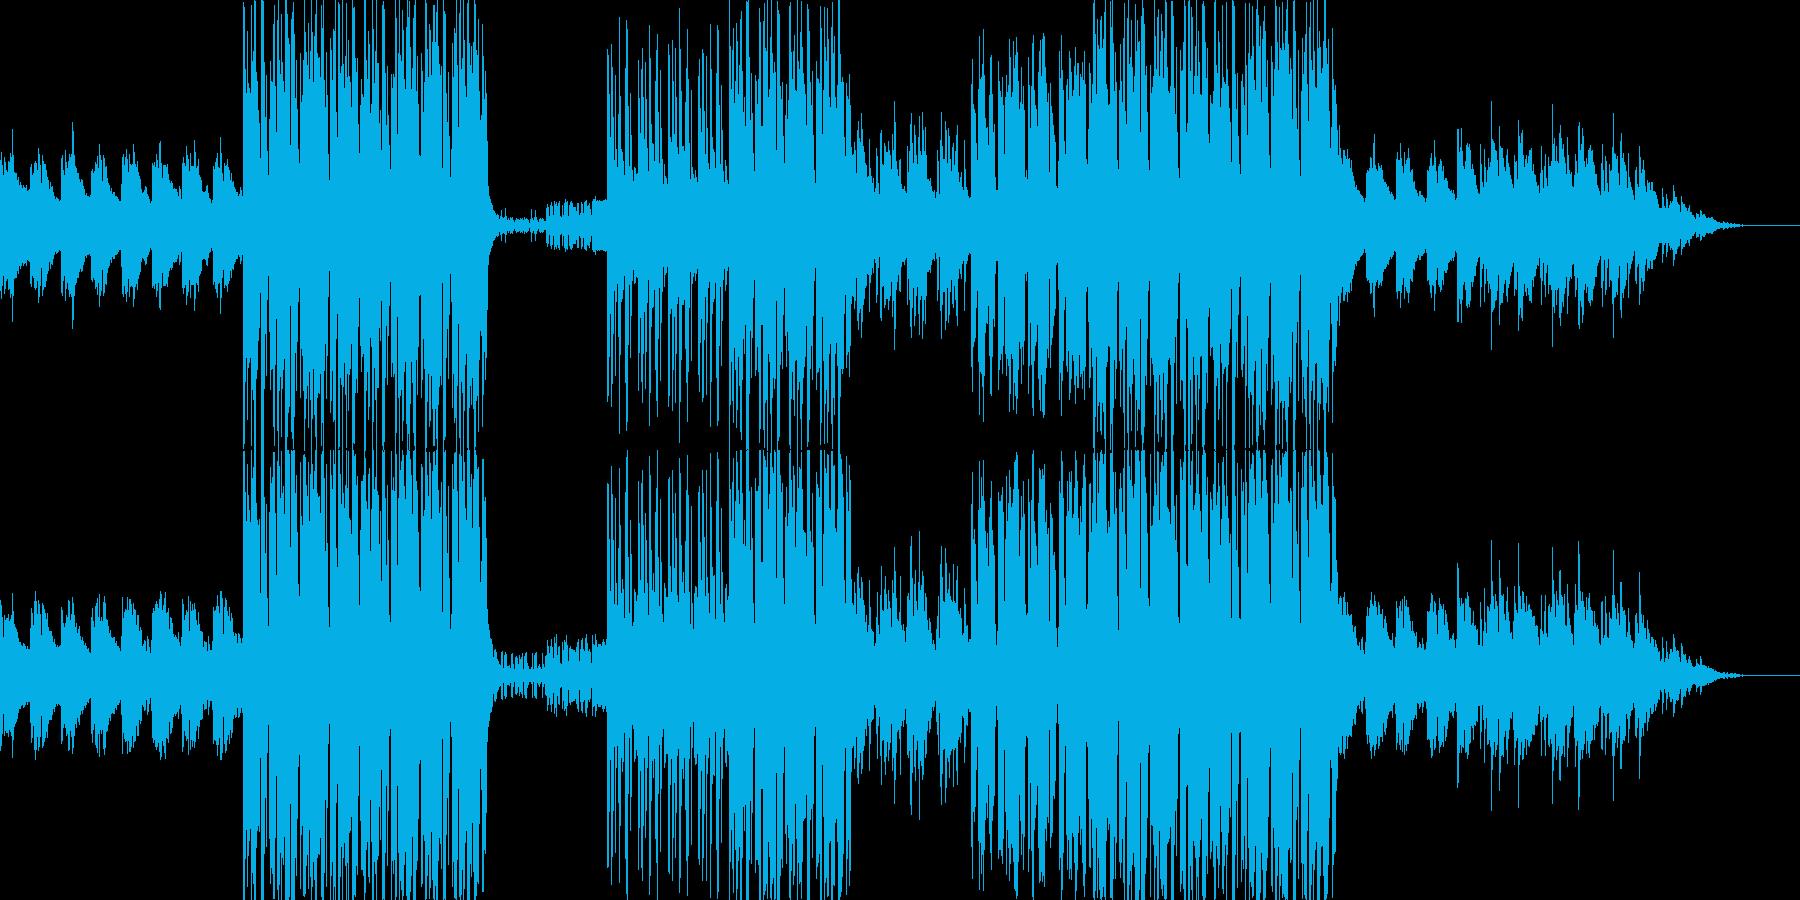 哀愁感漂うR&Bテイストのポップスの再生済みの波形